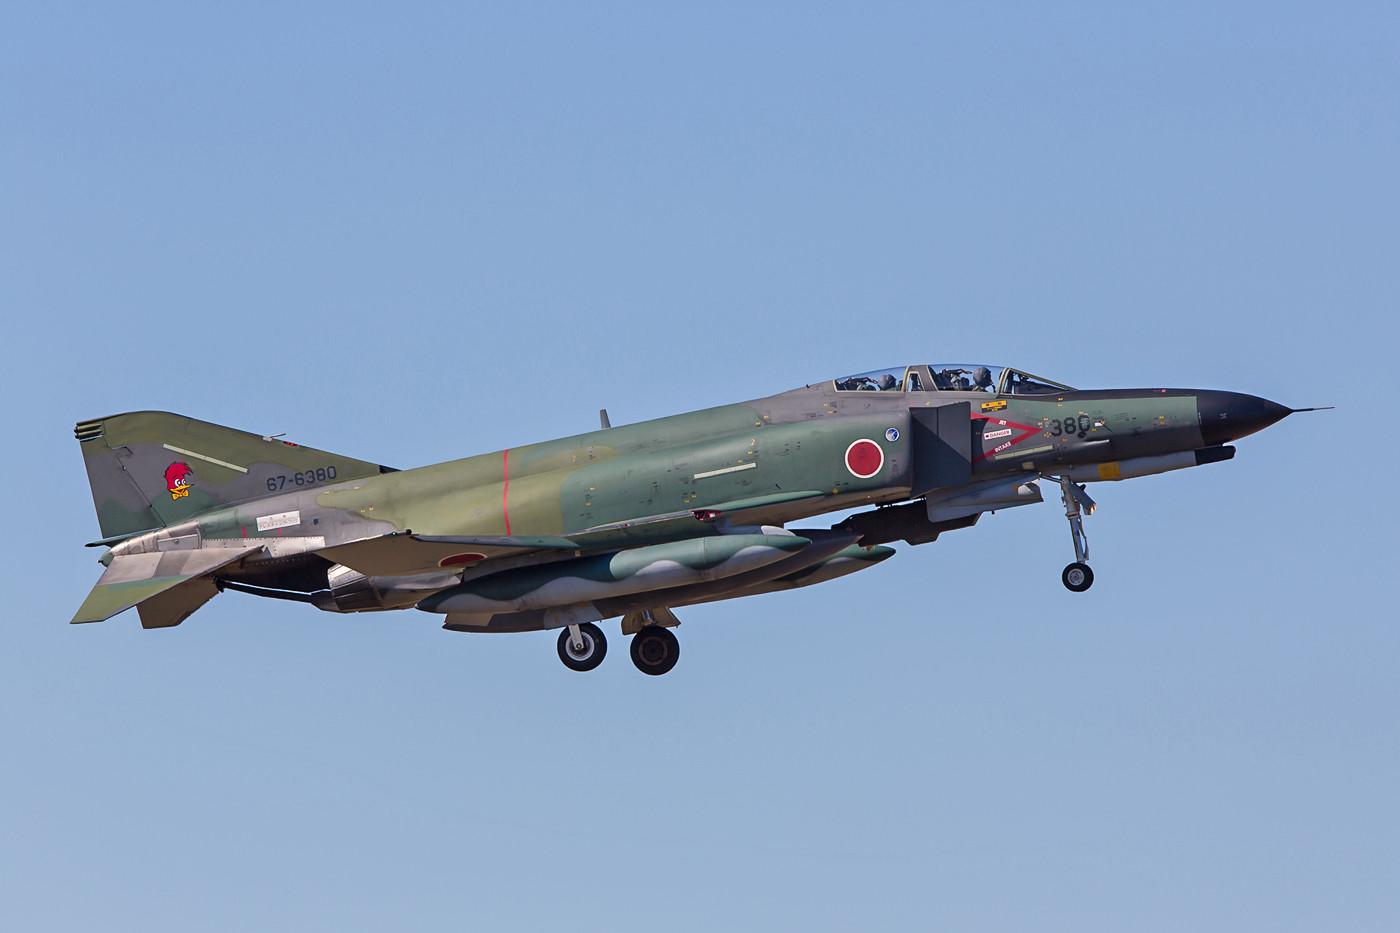 Zwei dieser seltenen Exemplare fliegen noch in der 501 Hikotai